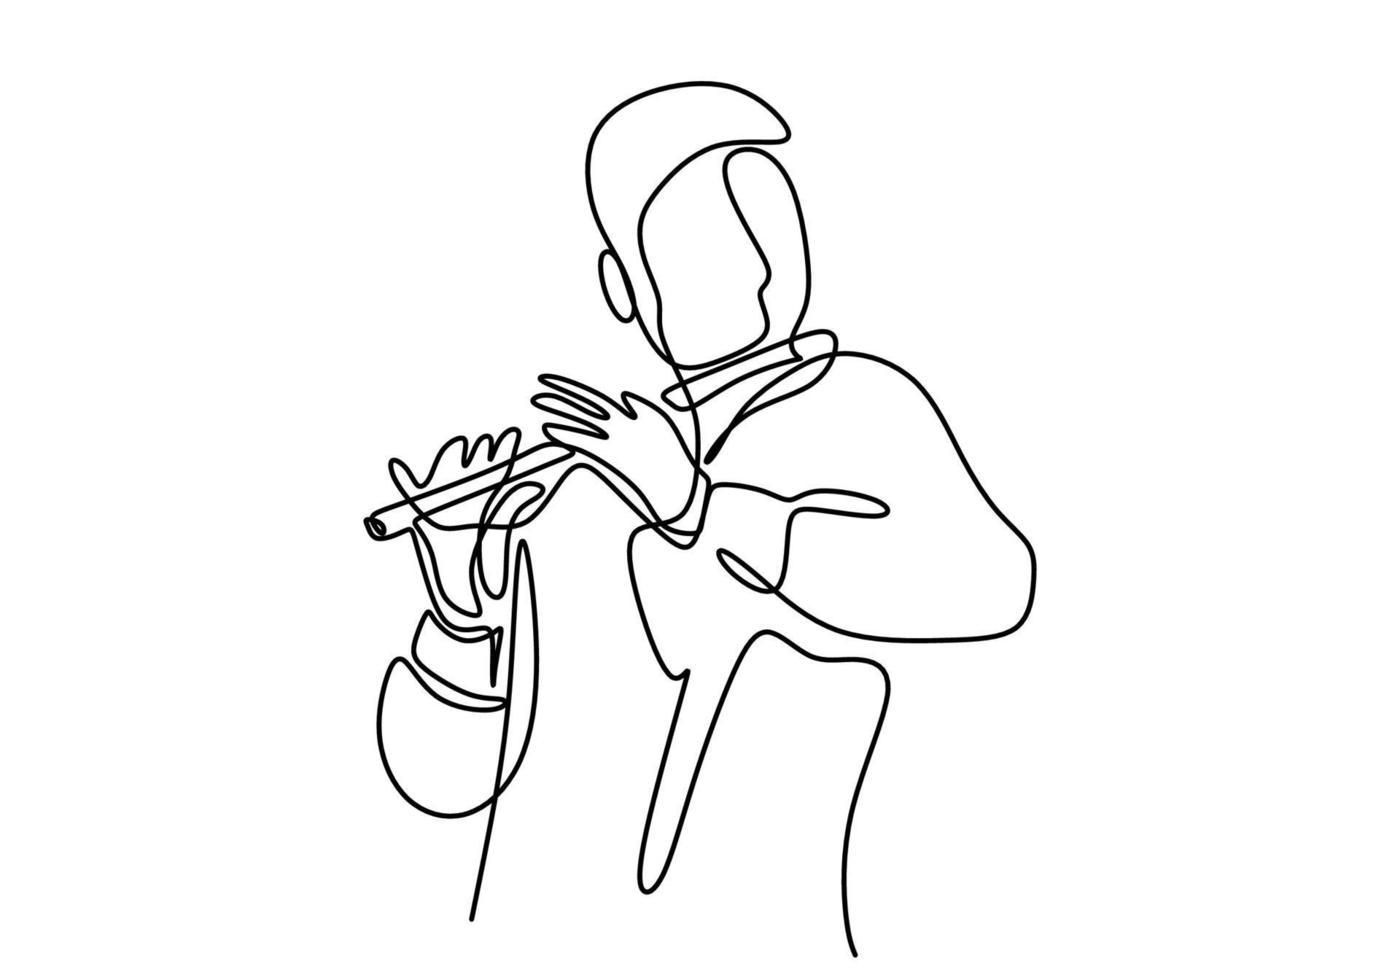 um desenho de linha contínua de um homem tocando flauta. o músico executa com flauta de bambu isolada no fundo branco. vetor